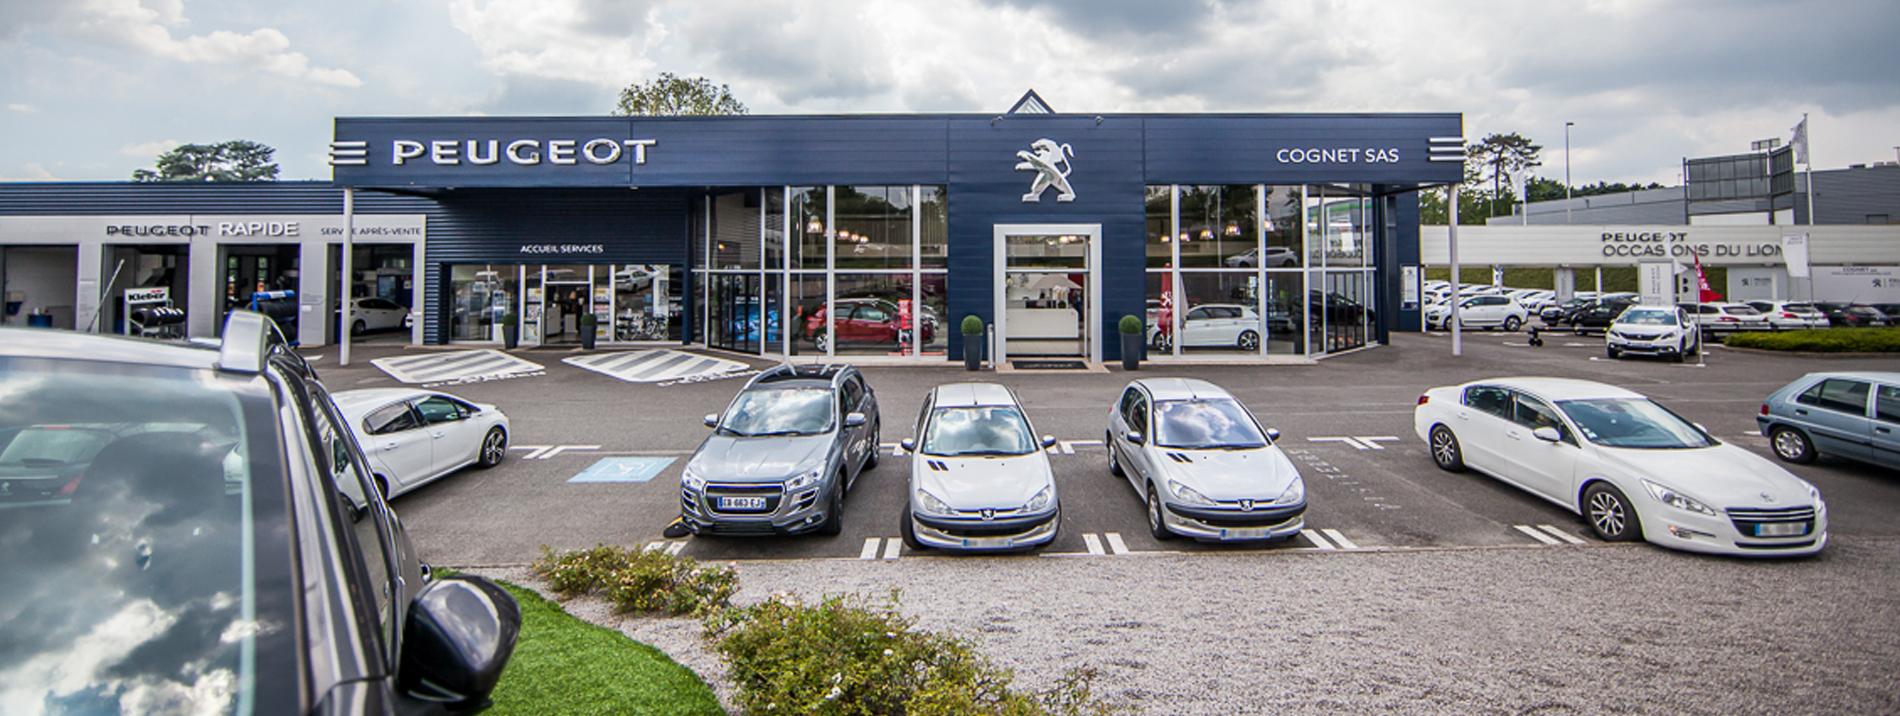 Garage Peugeot Moulins